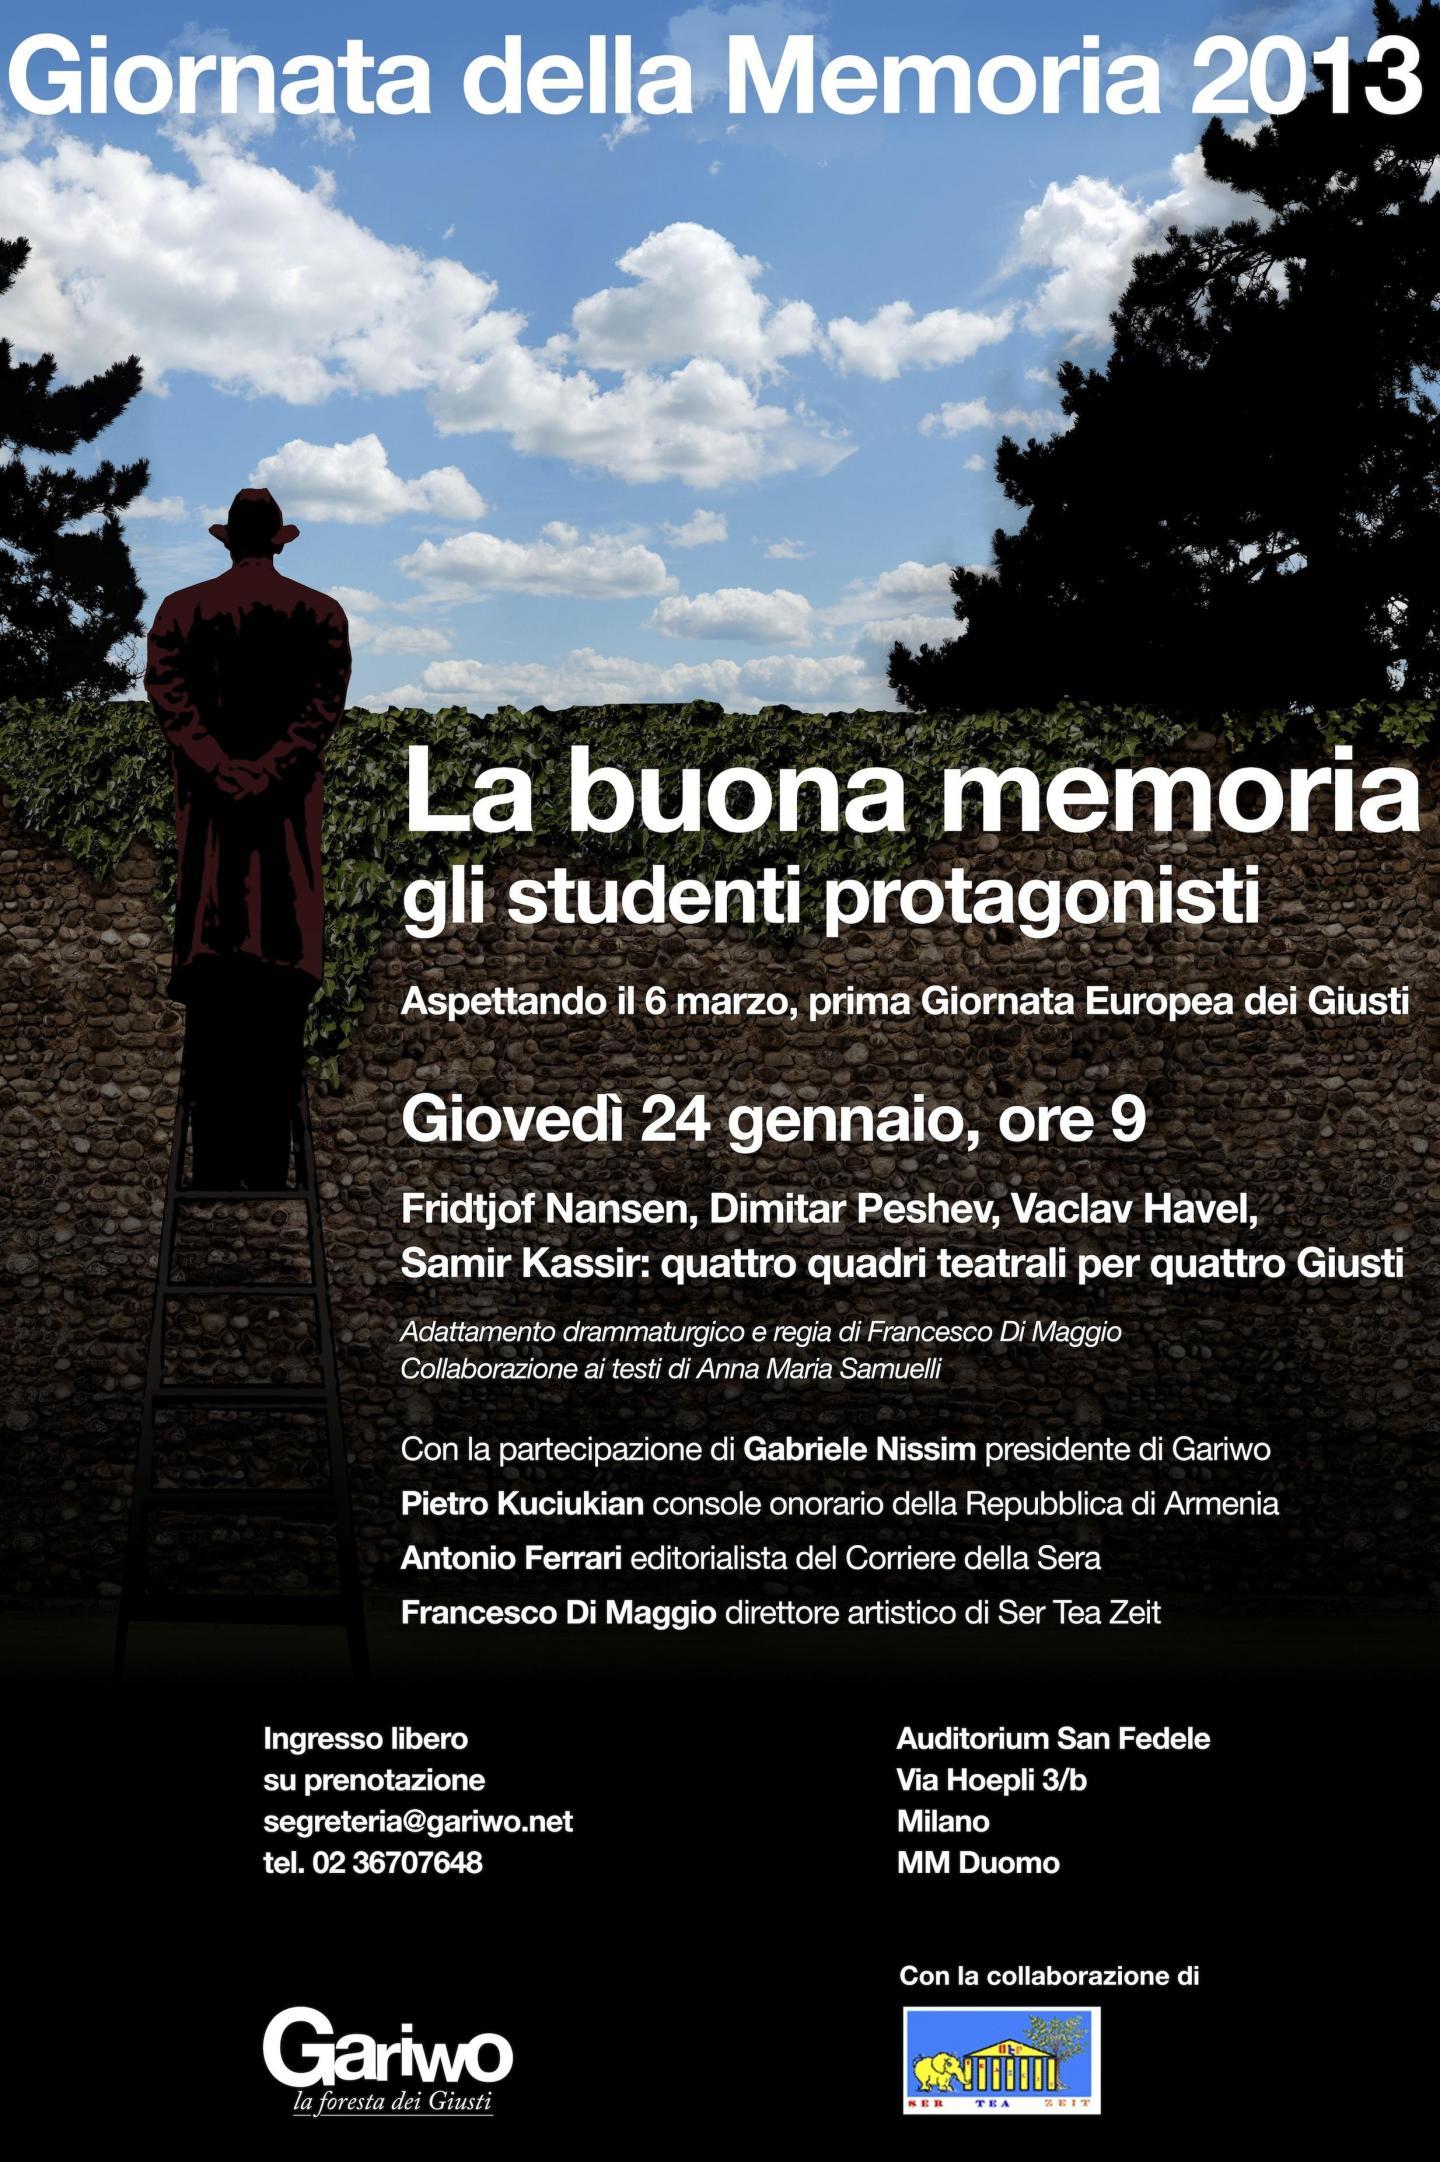 2013 - Gli studenti protagonisti per il Giorno della Memoria